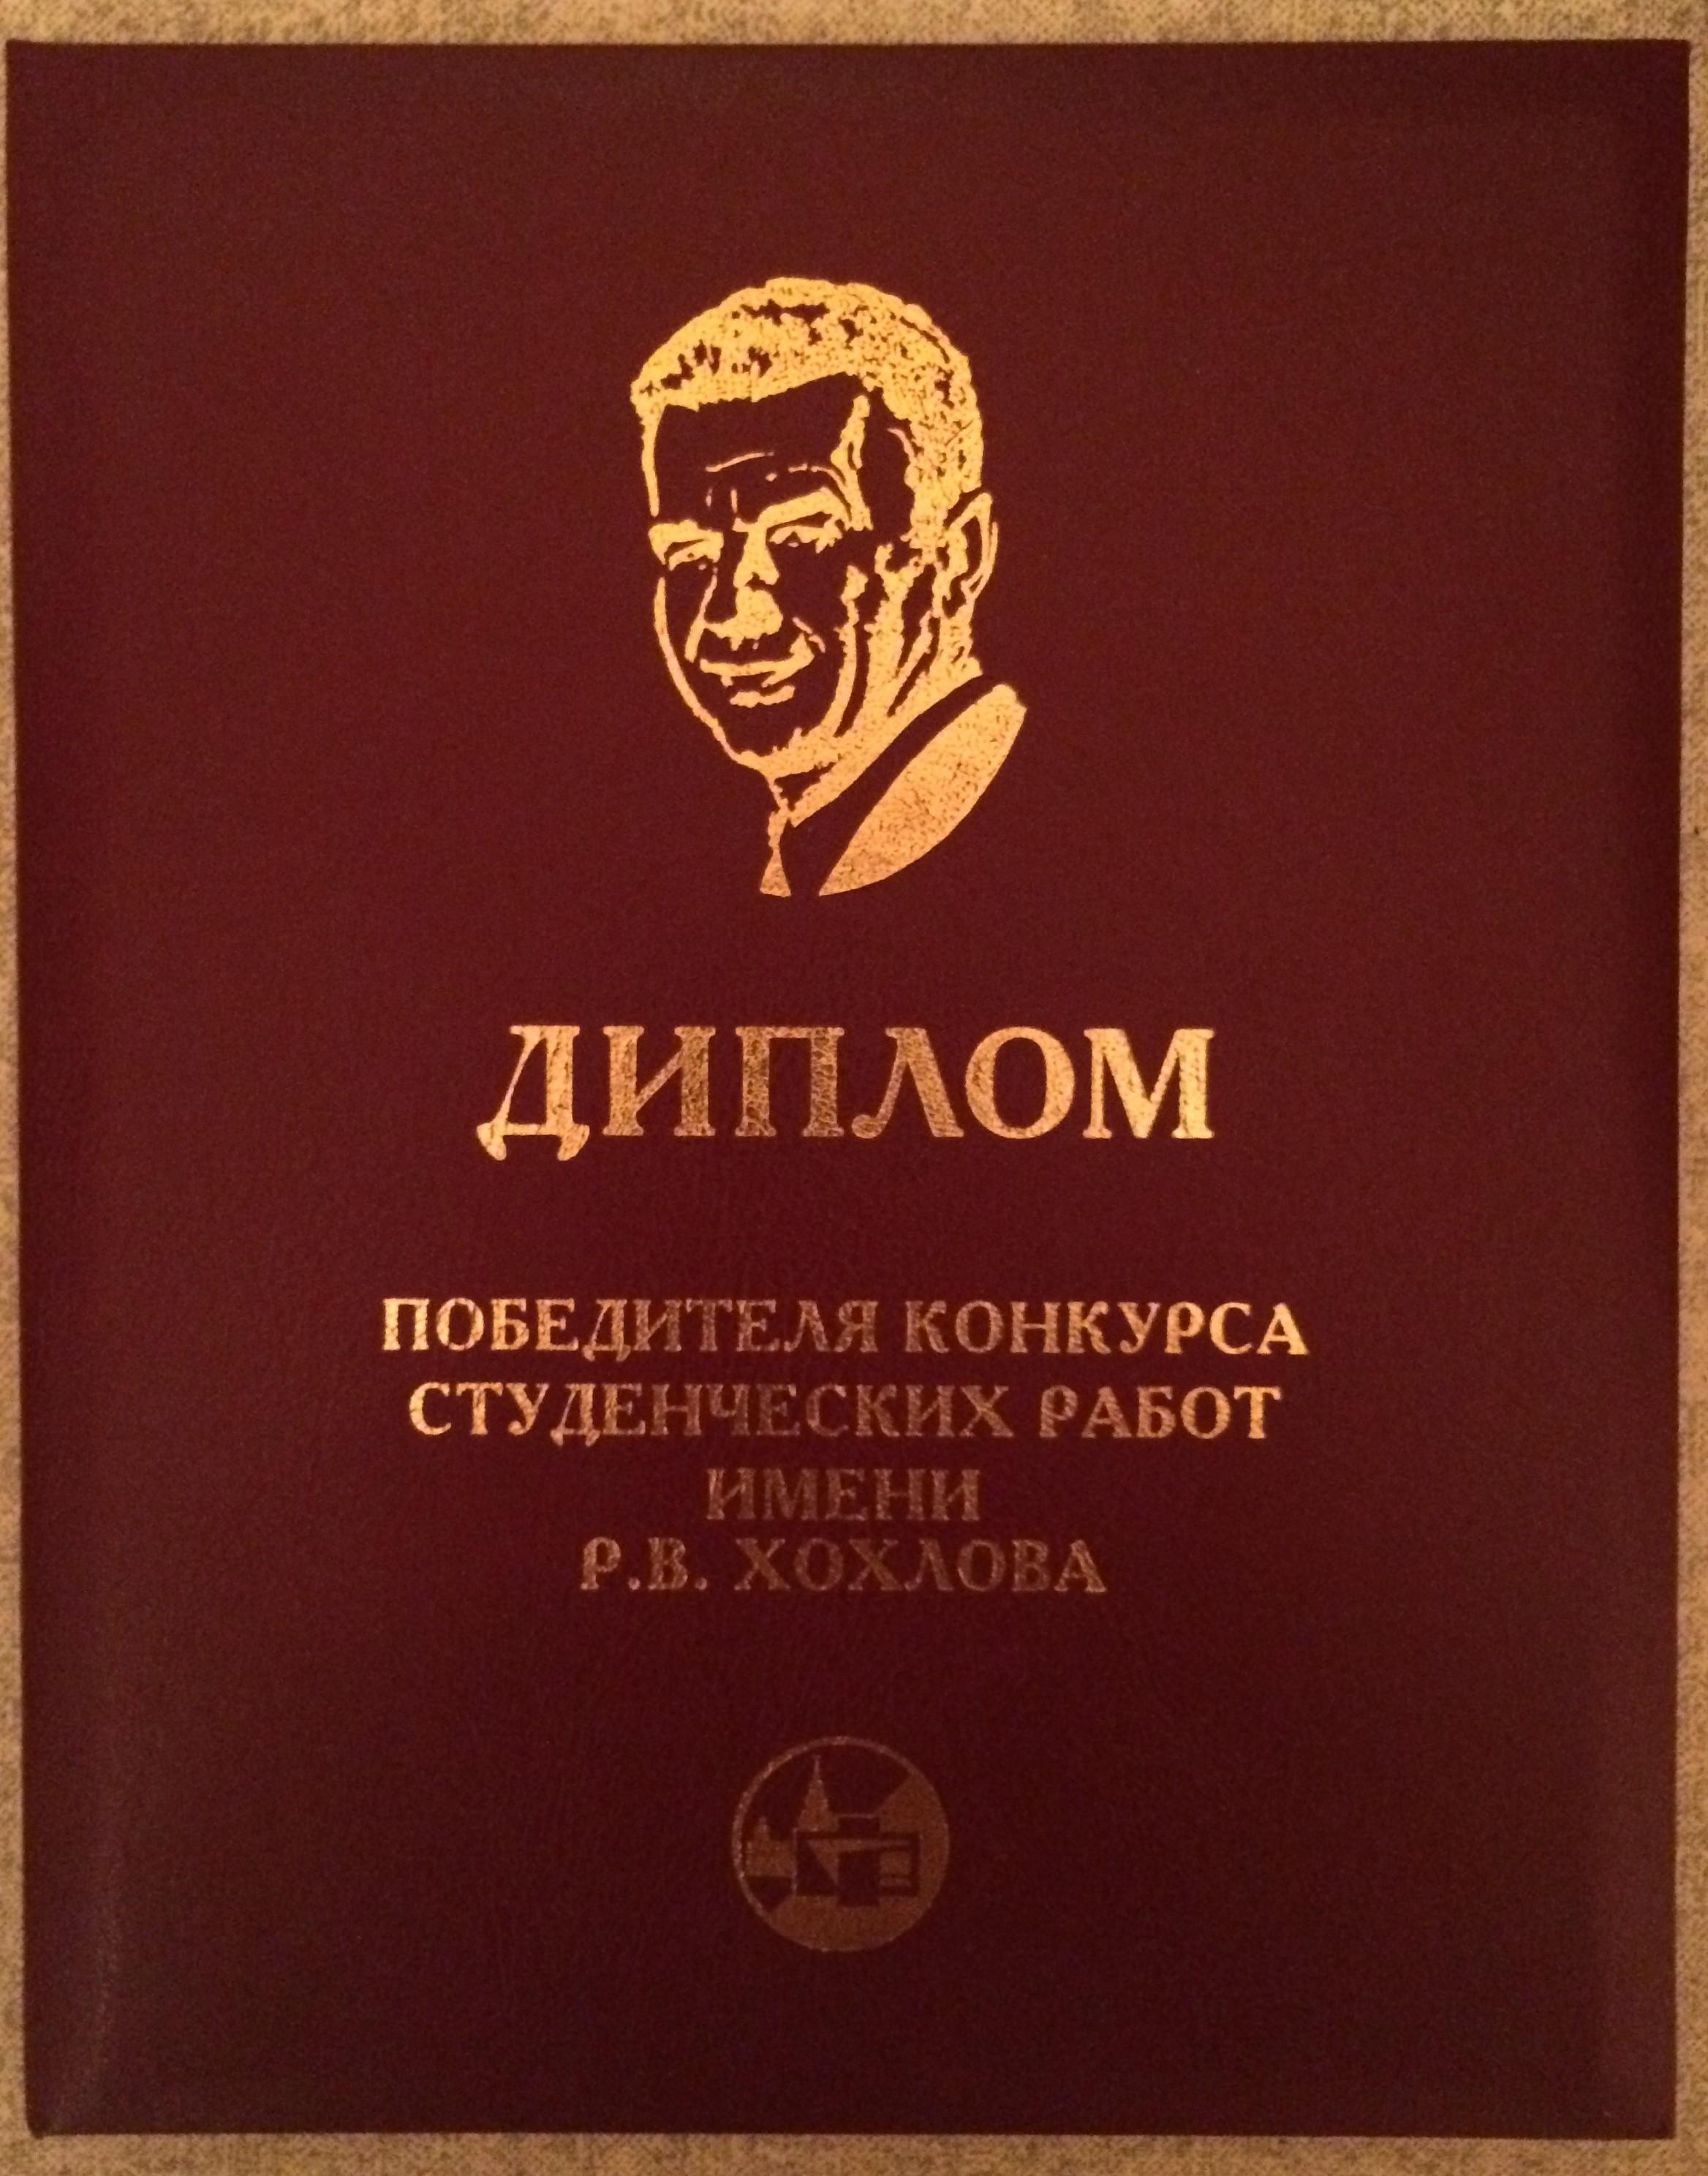 Павел Росницкий победитель конкурса дипломных работ им Р В  view the full image